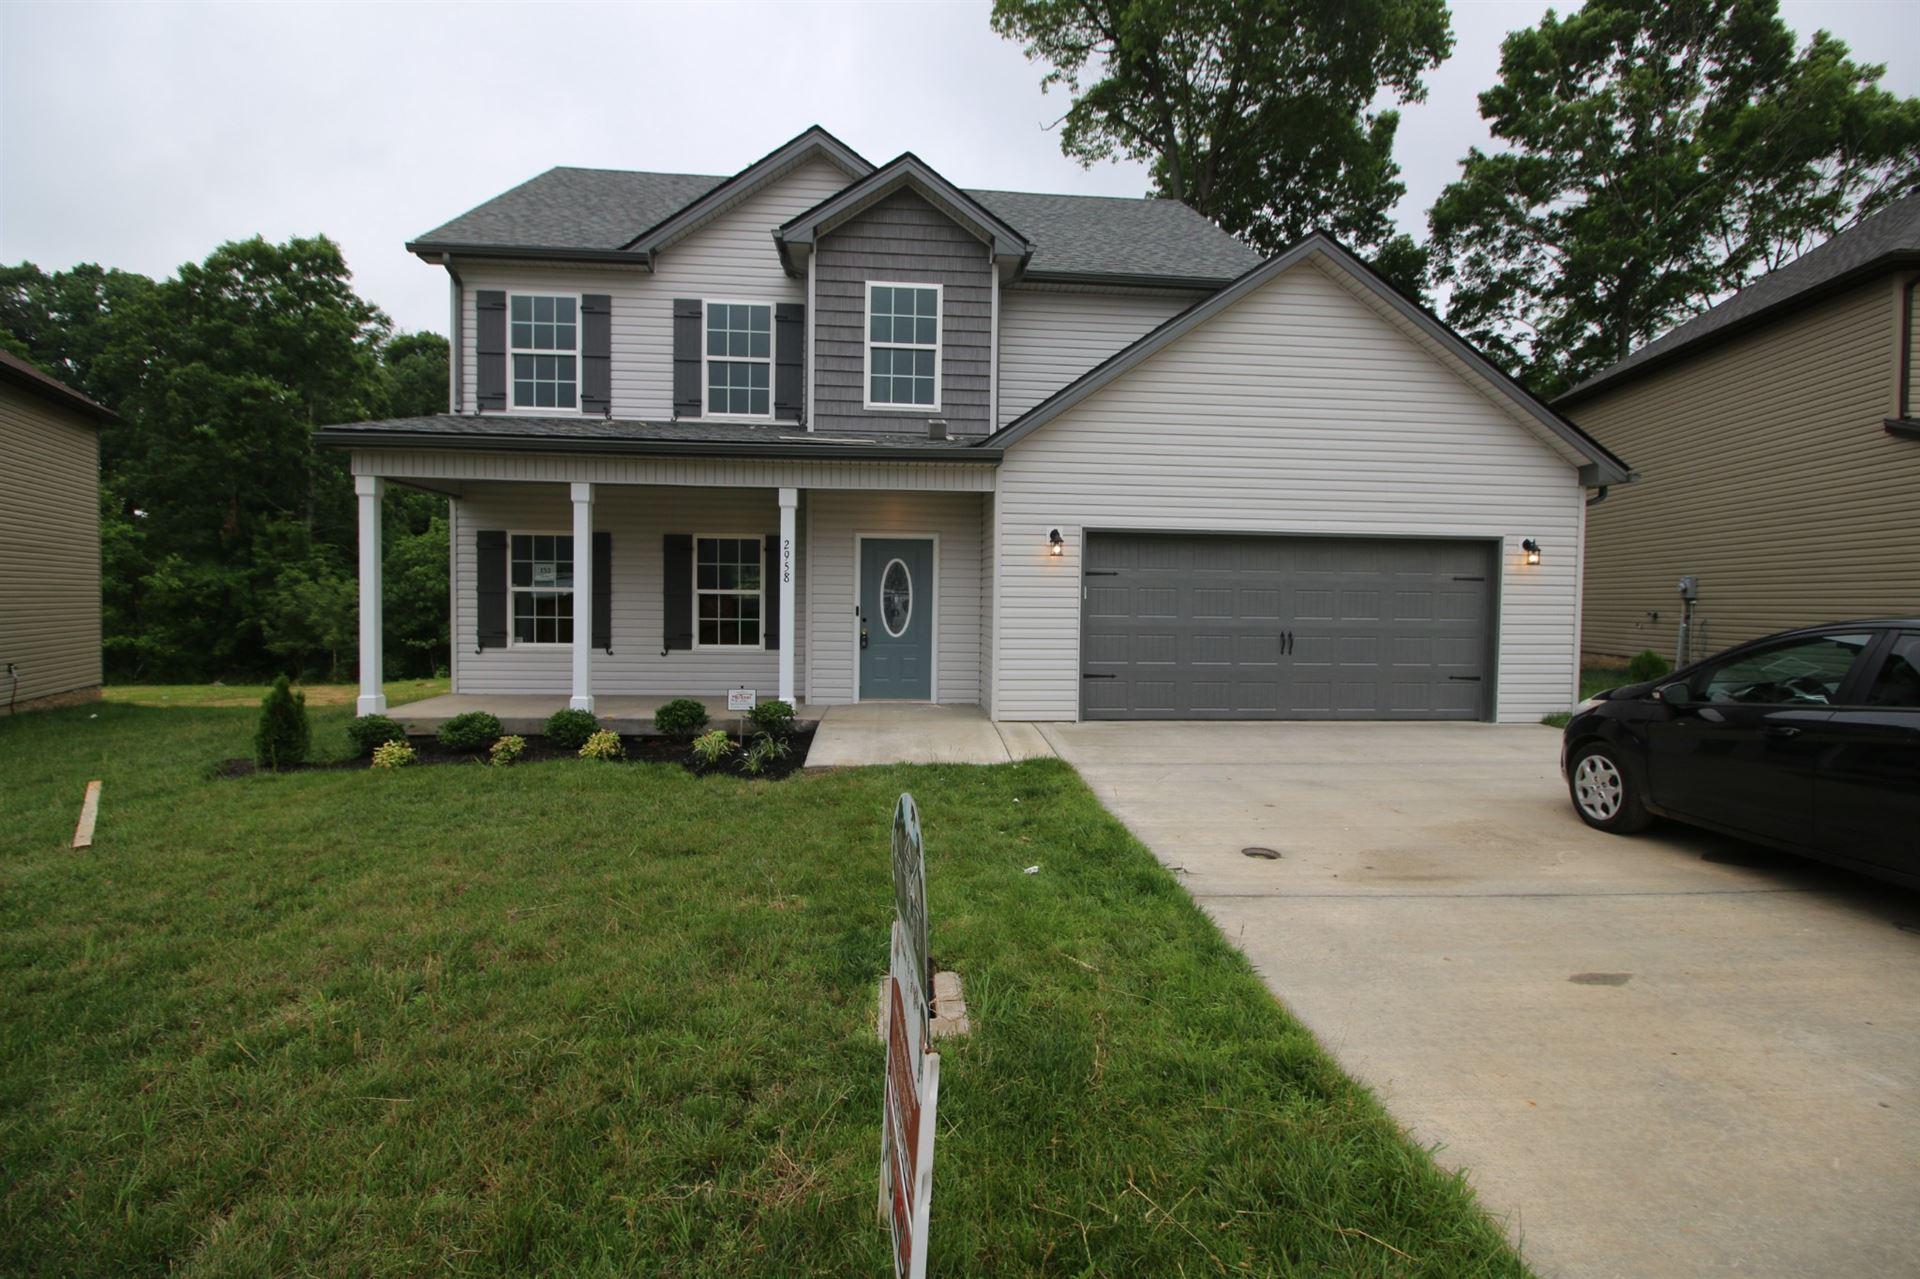 152 Chalet Hills, Clarksville, TN 37040 - MLS#: 2219701